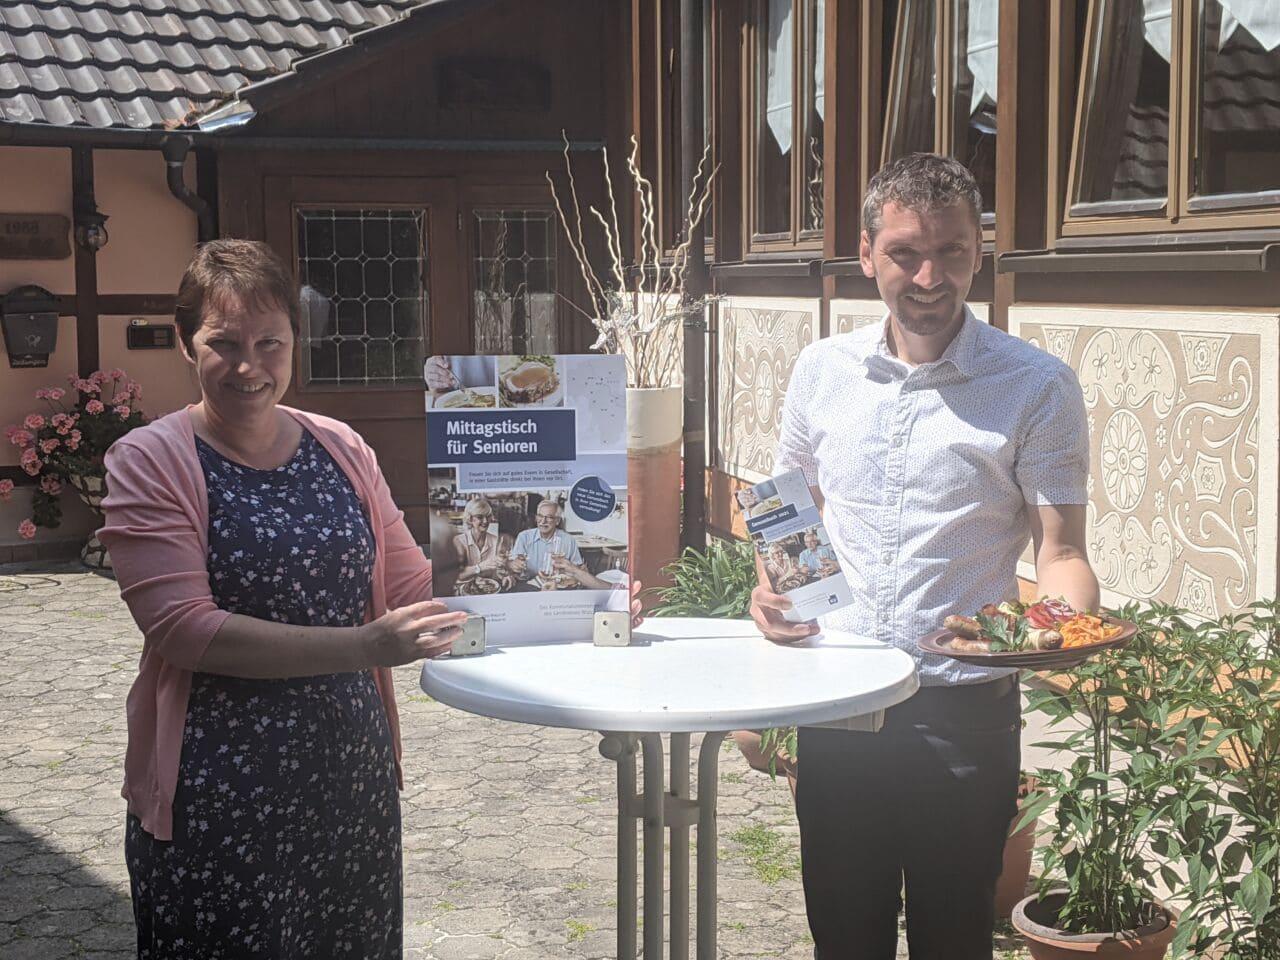 Mittagstisch für Senioren: Lecker speisen in und um Würzburg